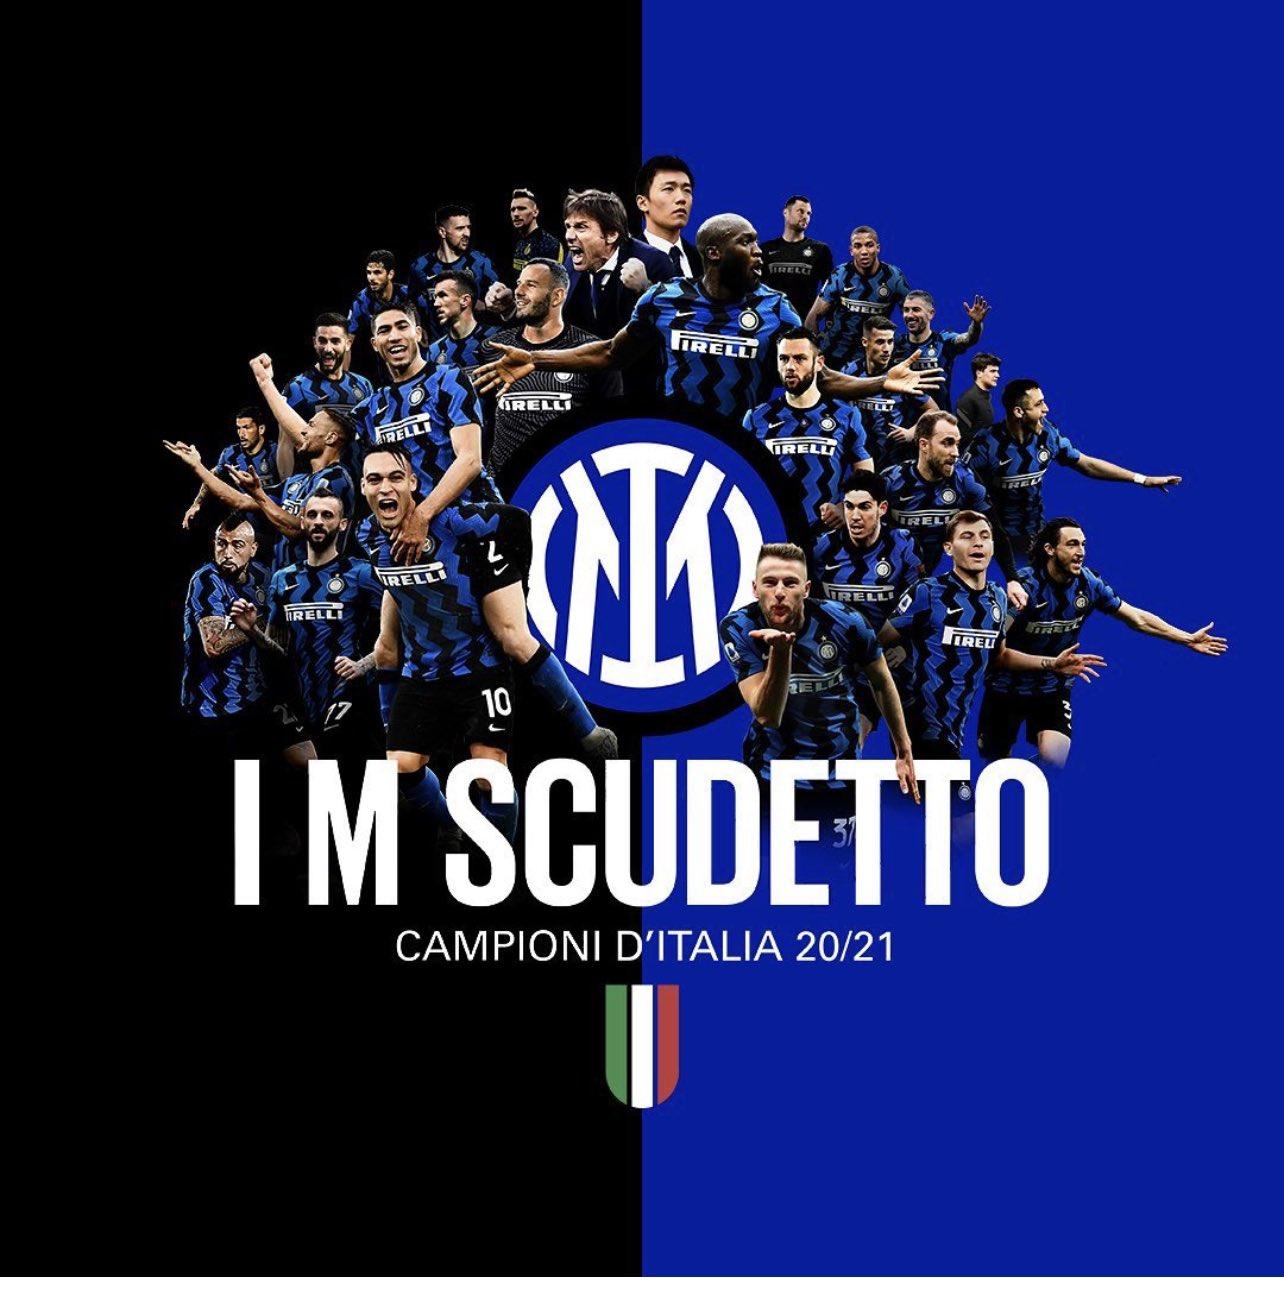 Интер – досрочный чемпион Италии благодаря осечке команды Малиновского